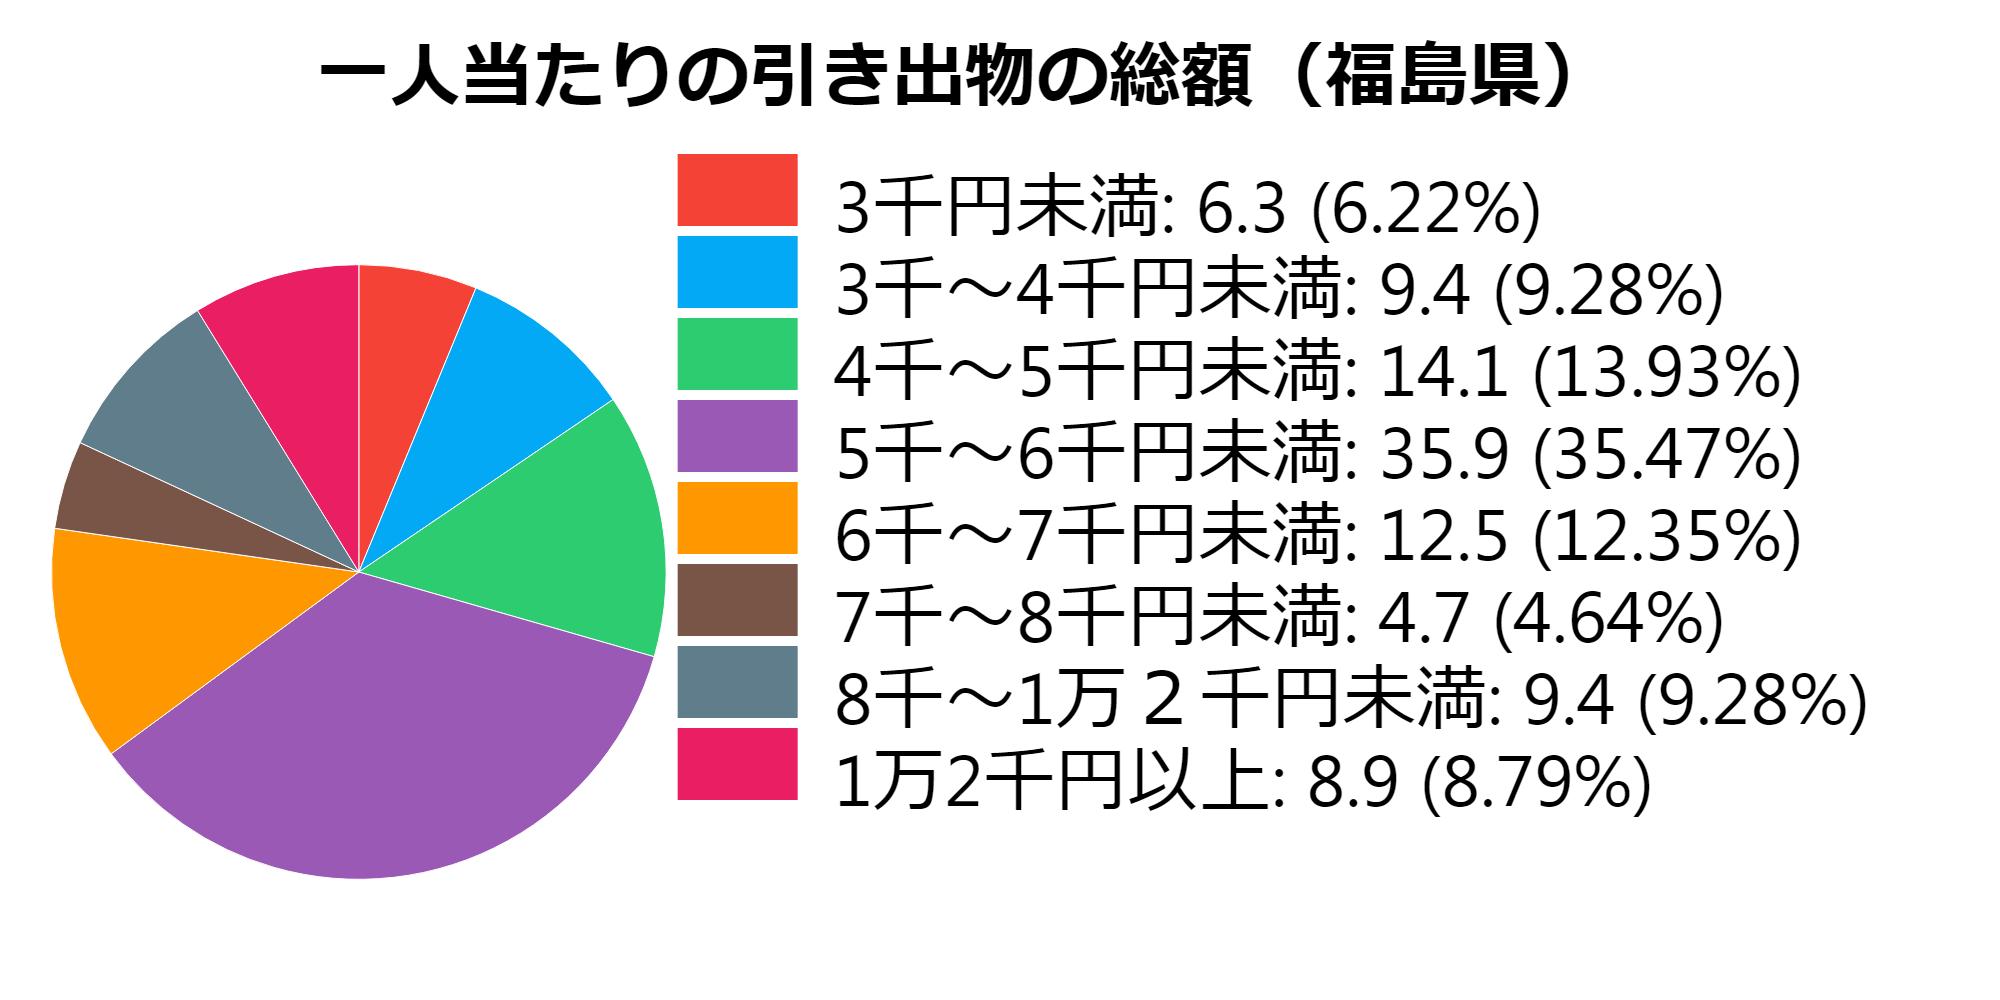 総額(福島県)